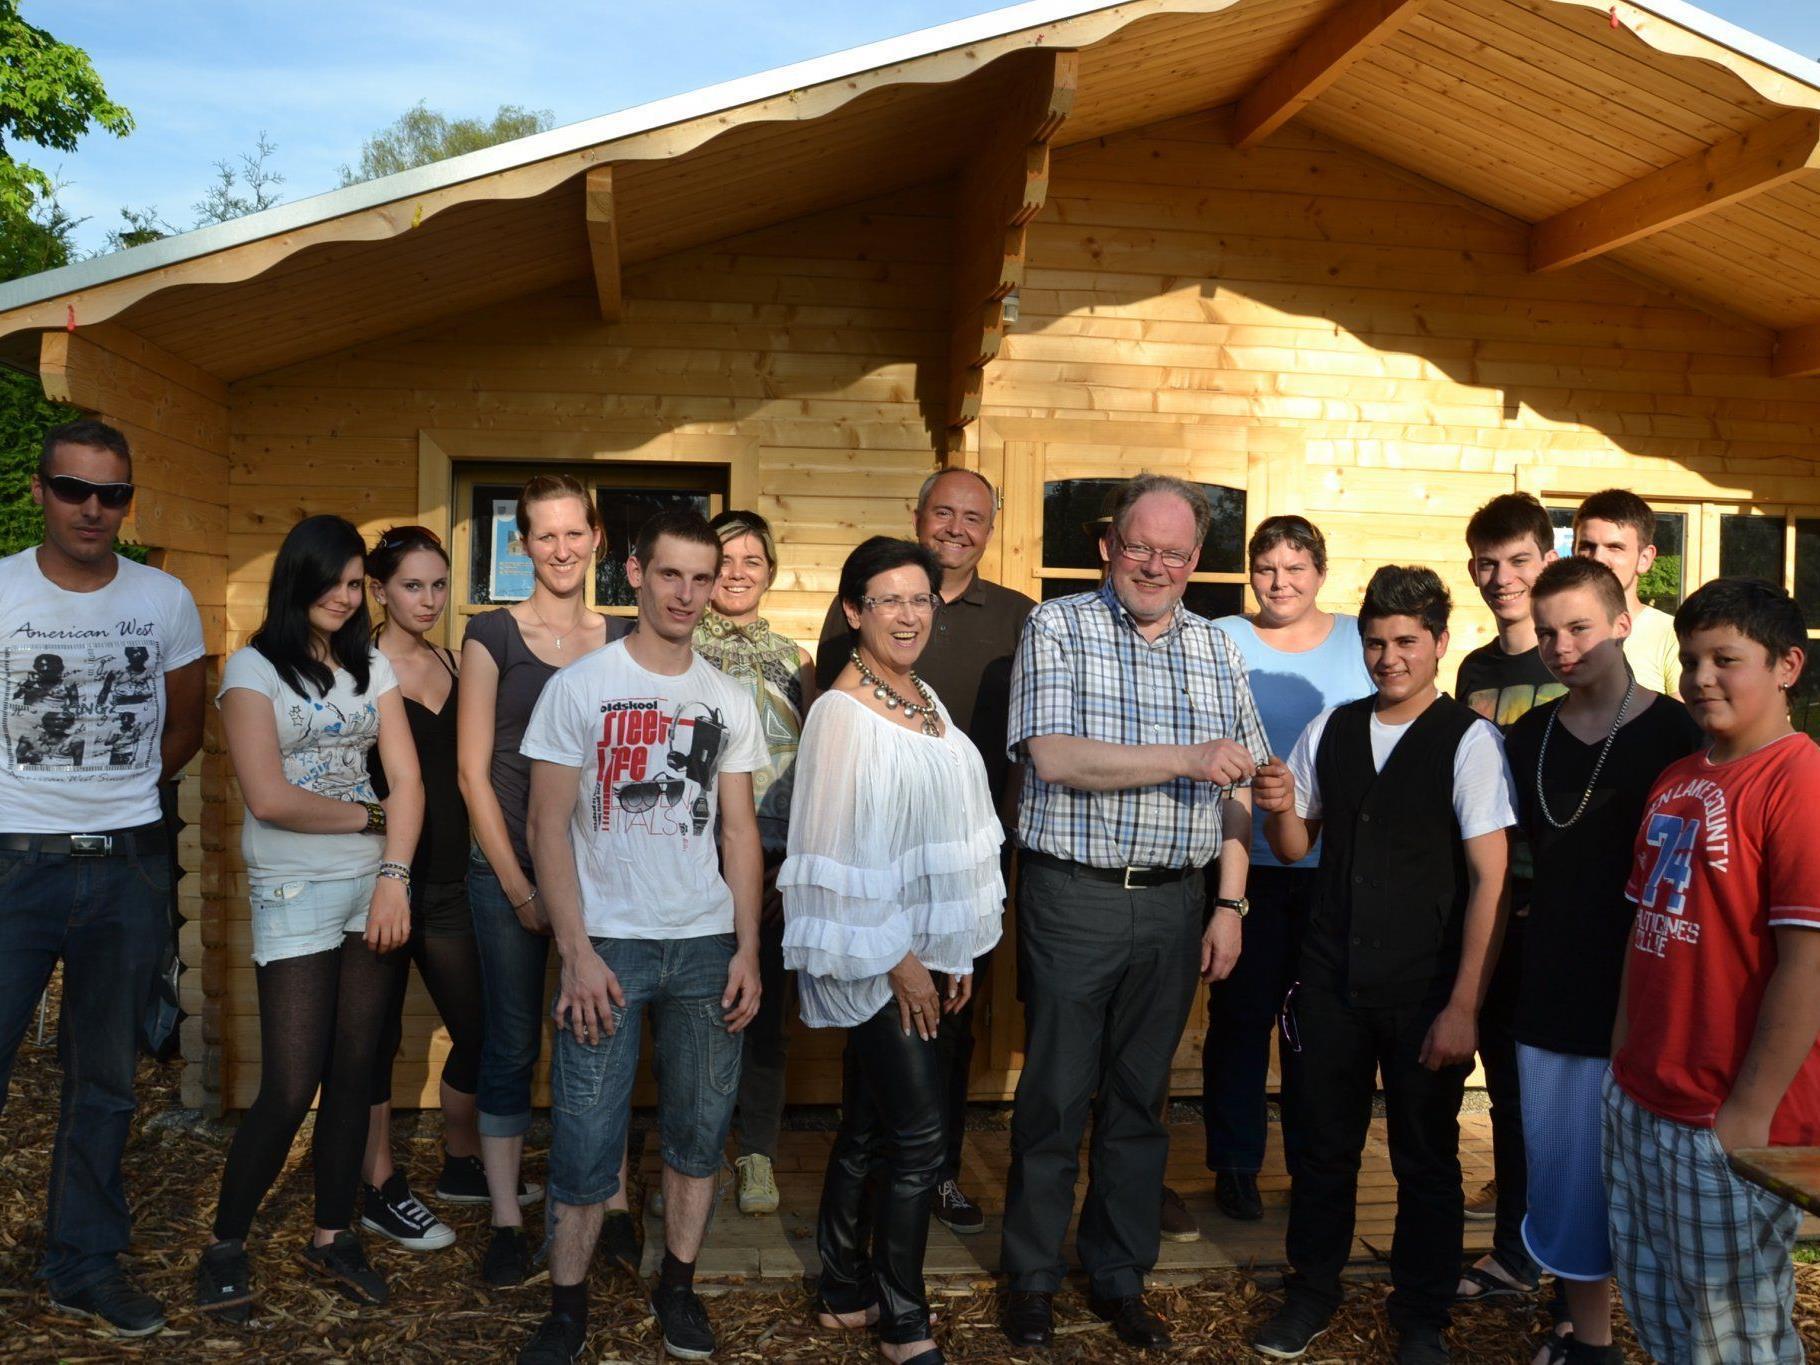 Bürgermeister Werner Huber bei der feierlichen Schlüsselübergabe vor dem Jugendtreff im Moos